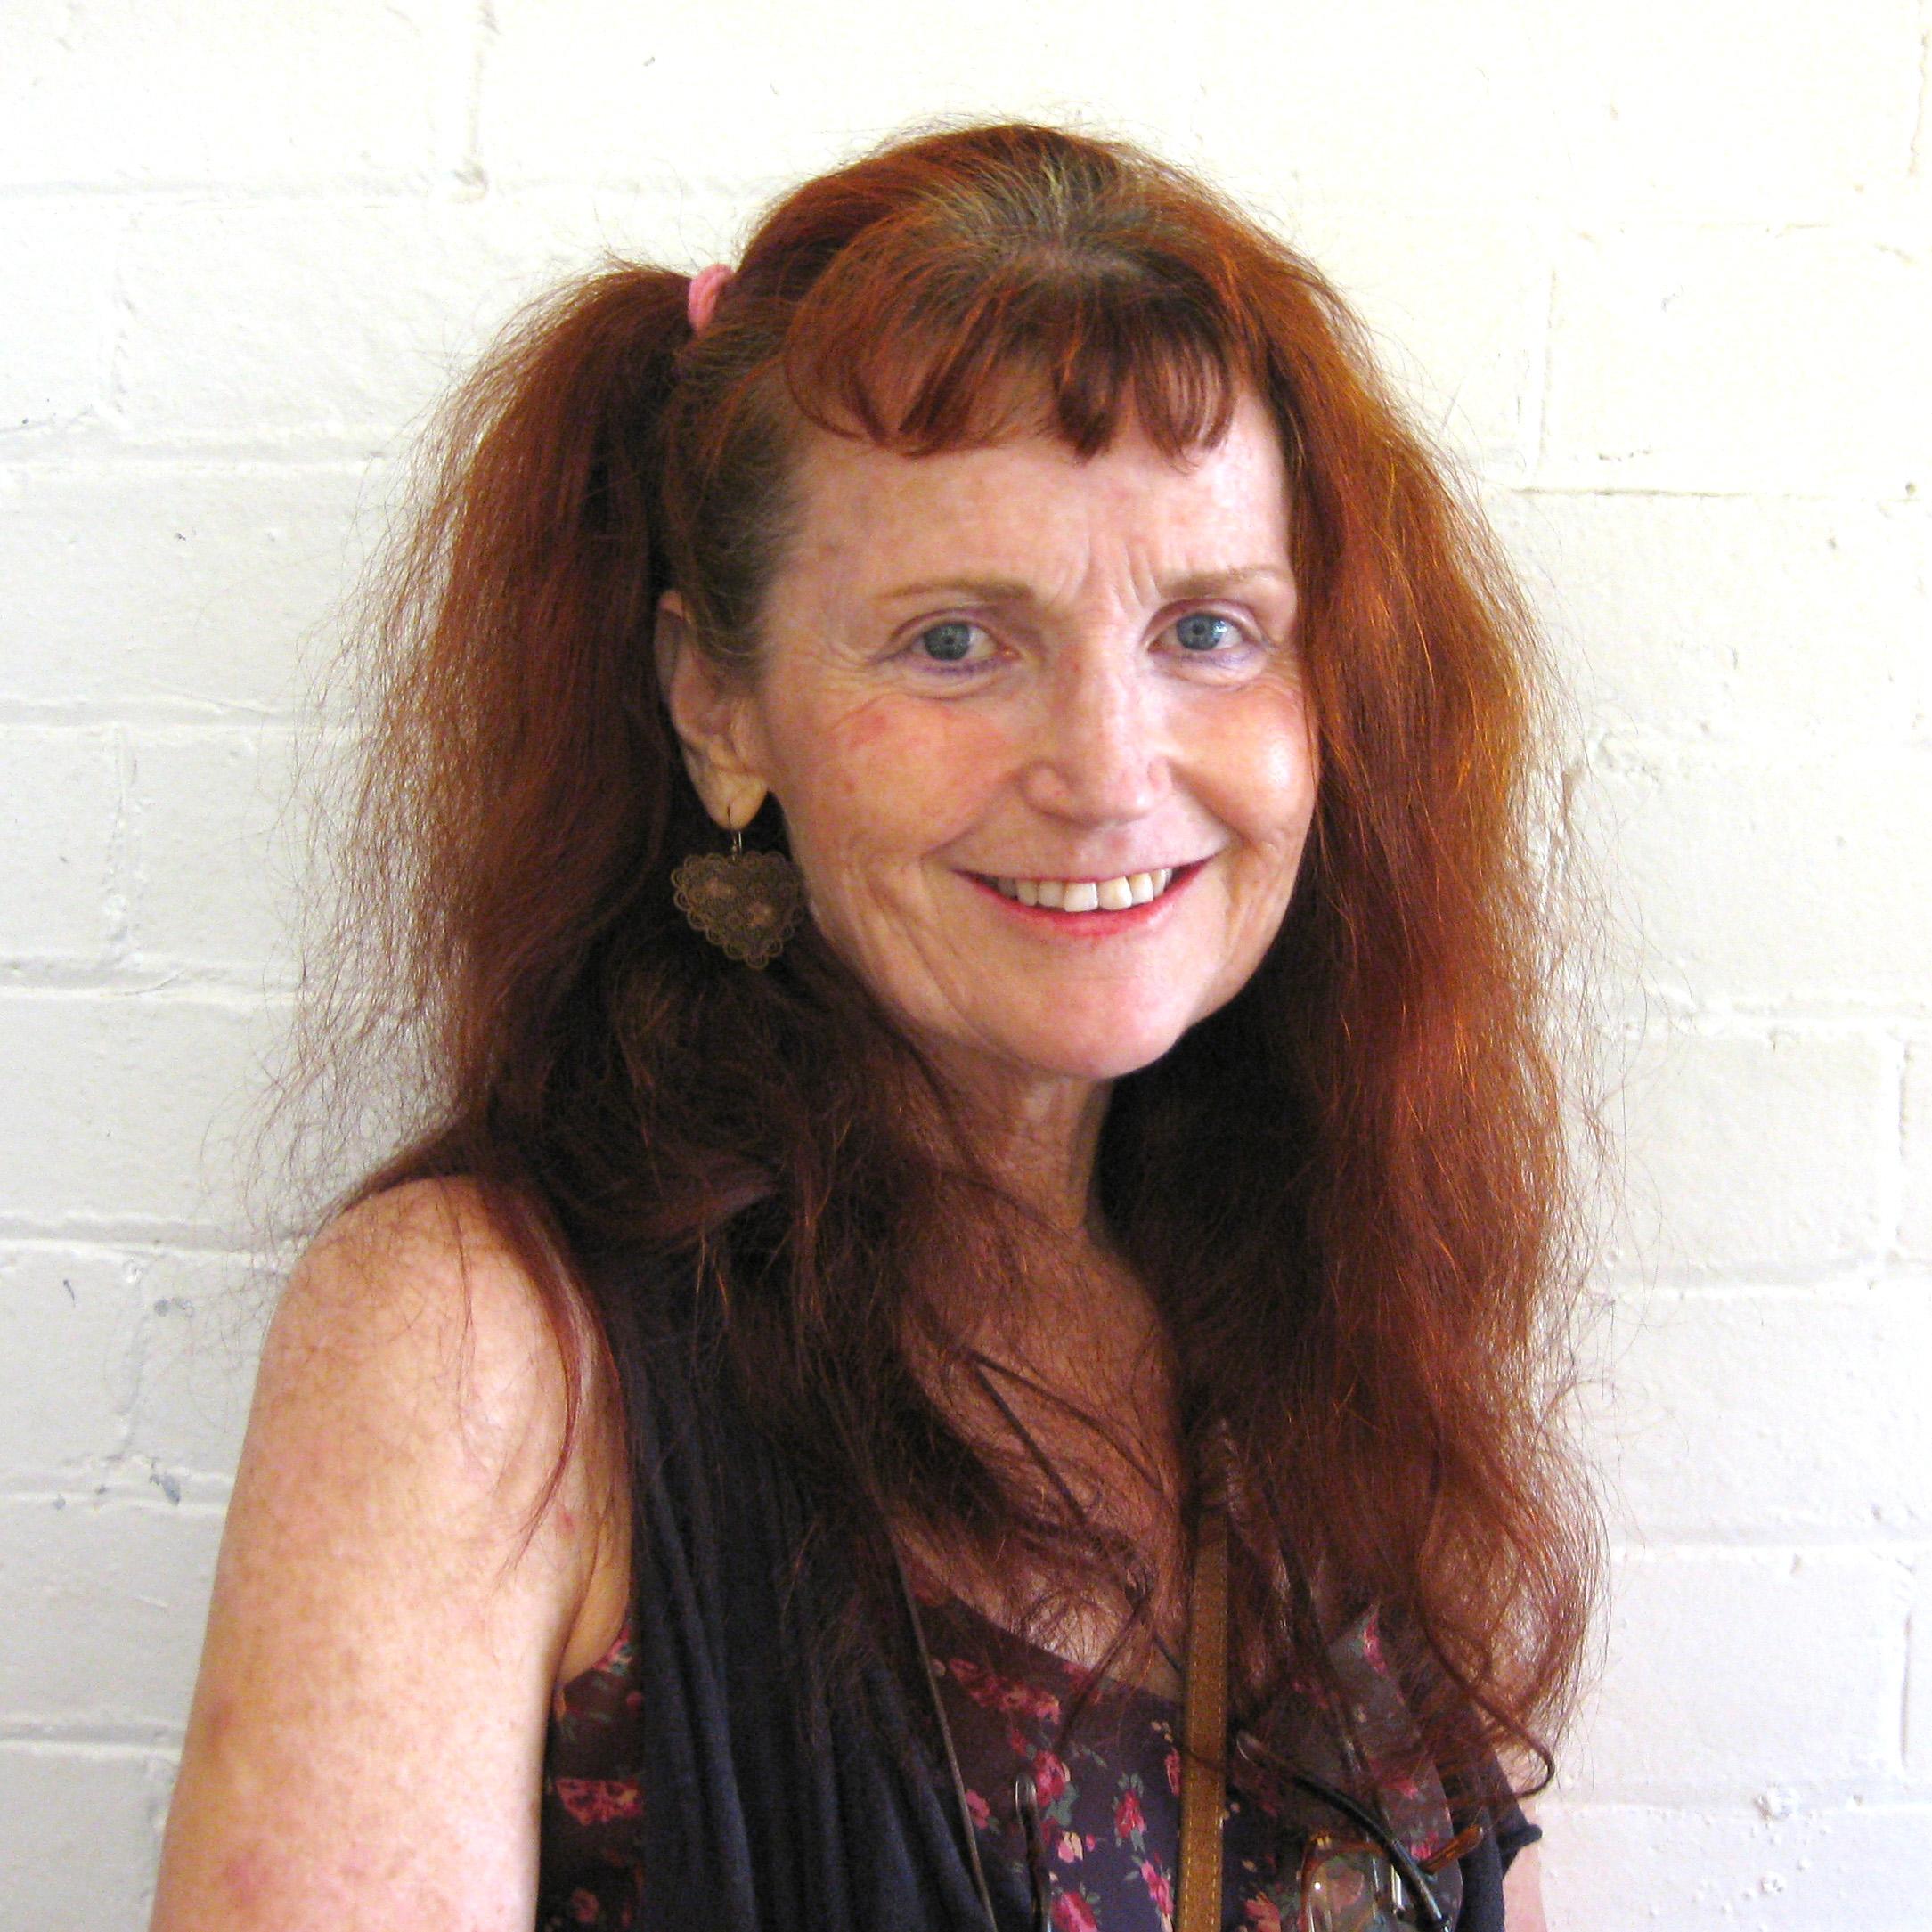 Sarah Aylward